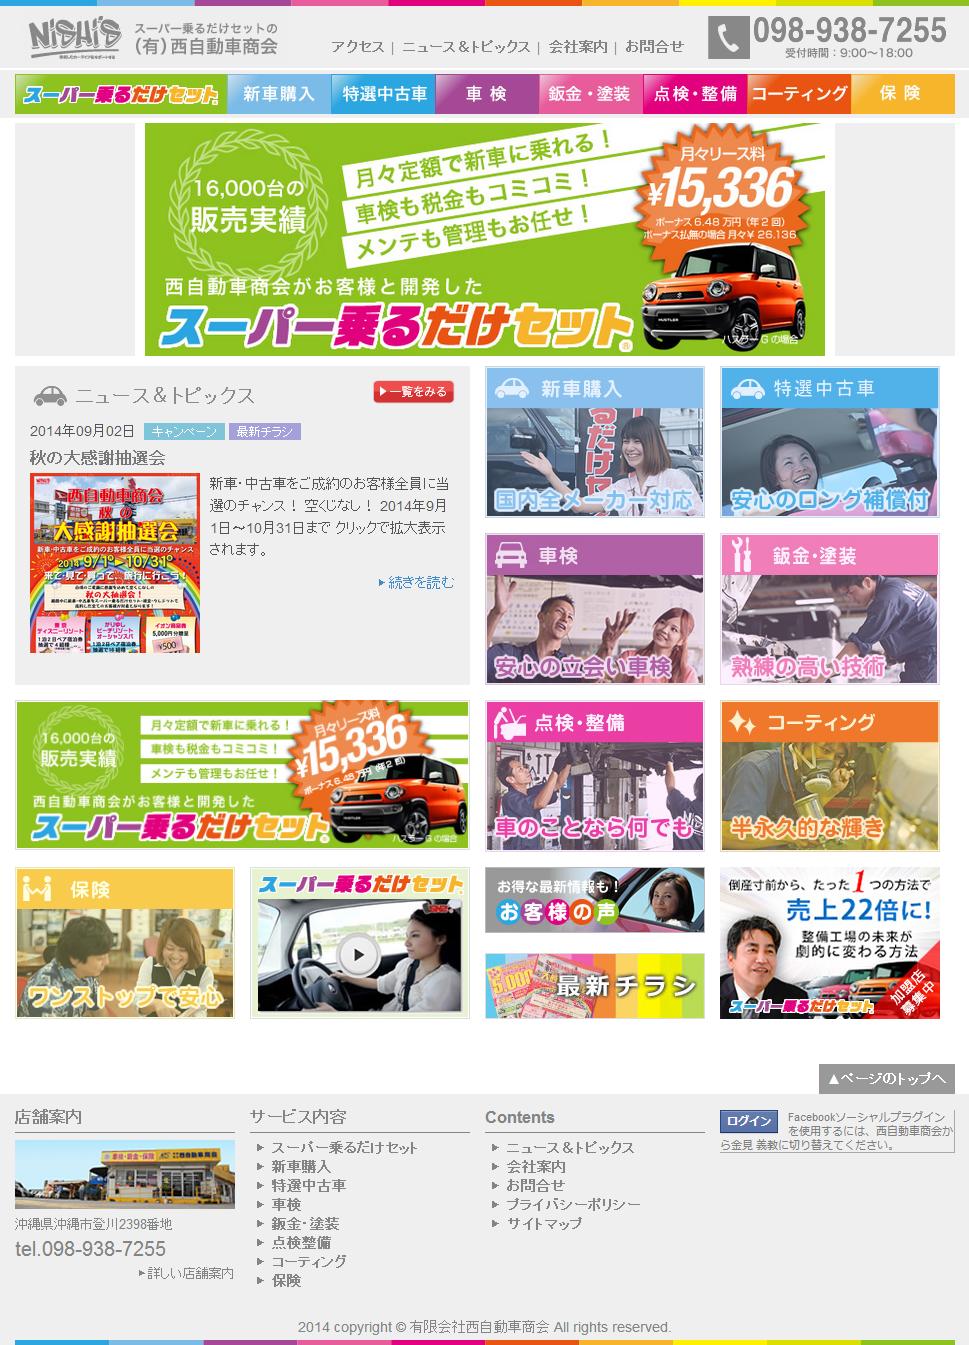 西自動車商会NEWホームページ